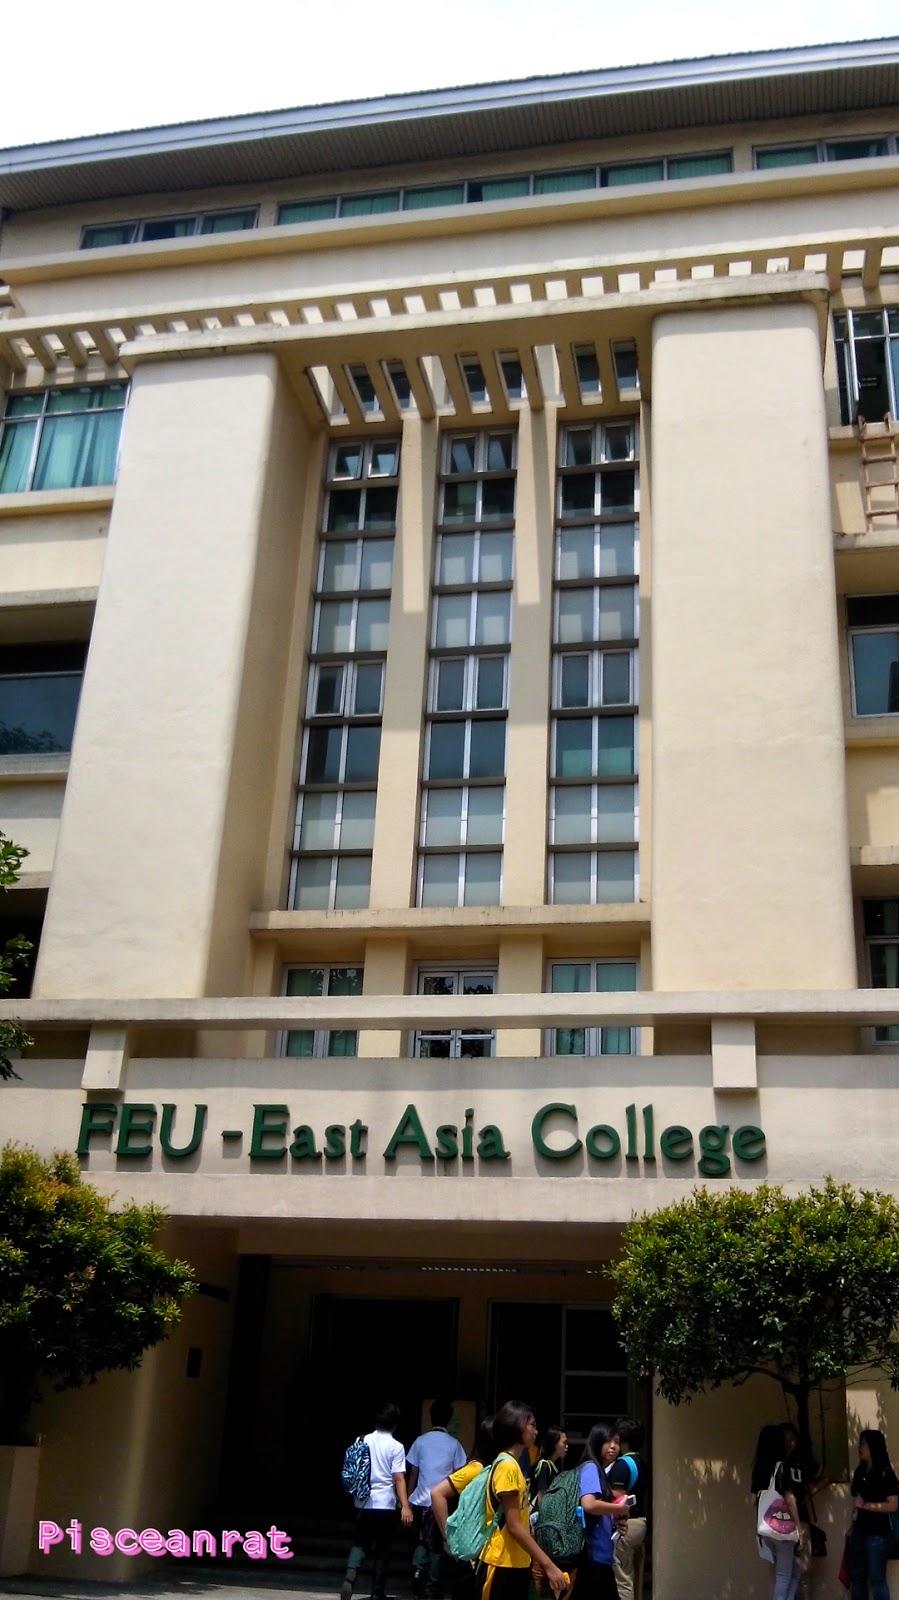 feu east asia college